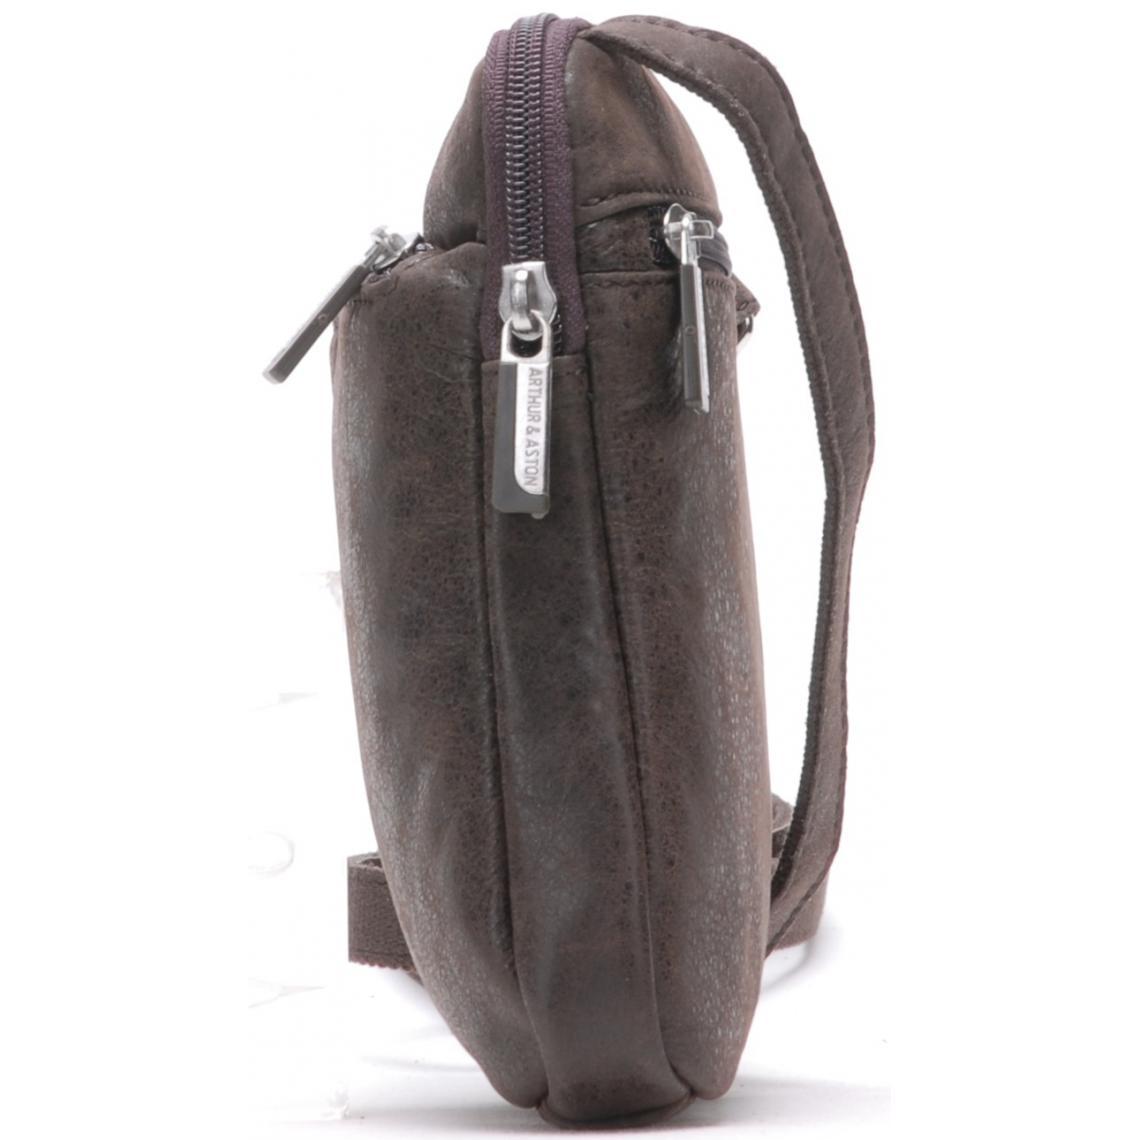 Cuir De Vachette C Est Quoi pochette besace - cuir de vachette-arthur & aston plus de détails